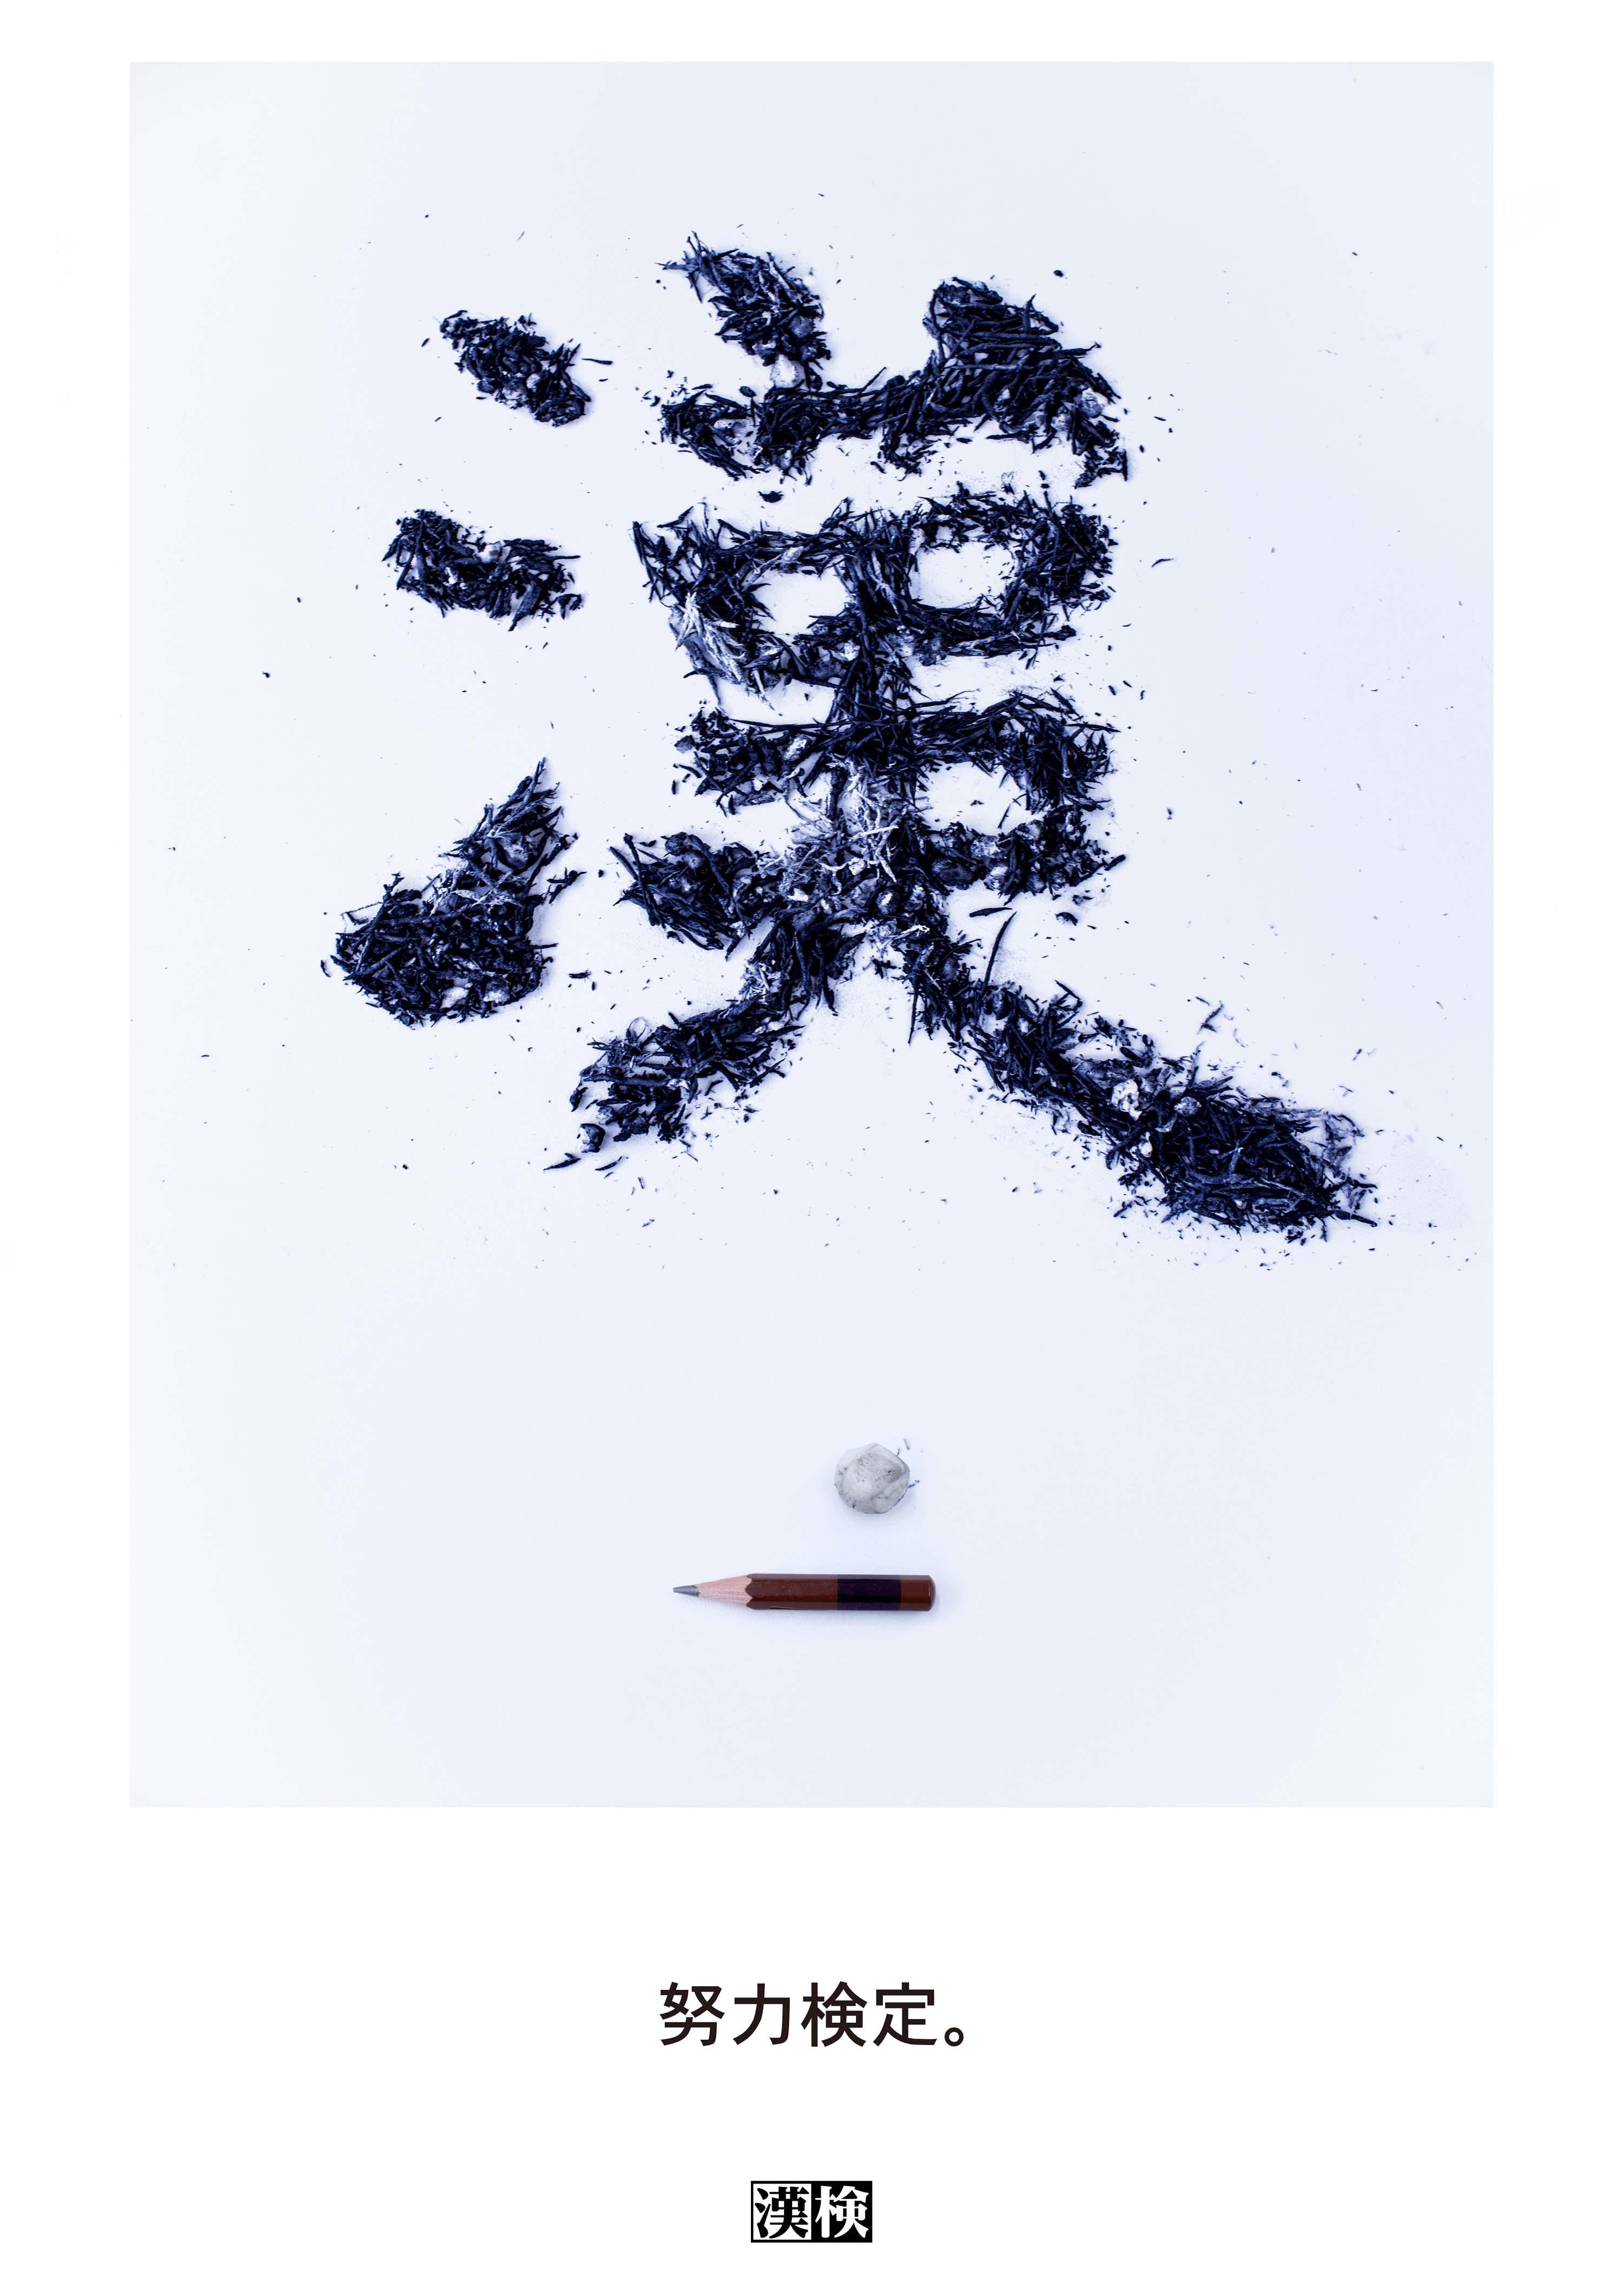 学生作品受賞 第25回「京都広告賞 | 成安造形大学 メディアデザイン領域